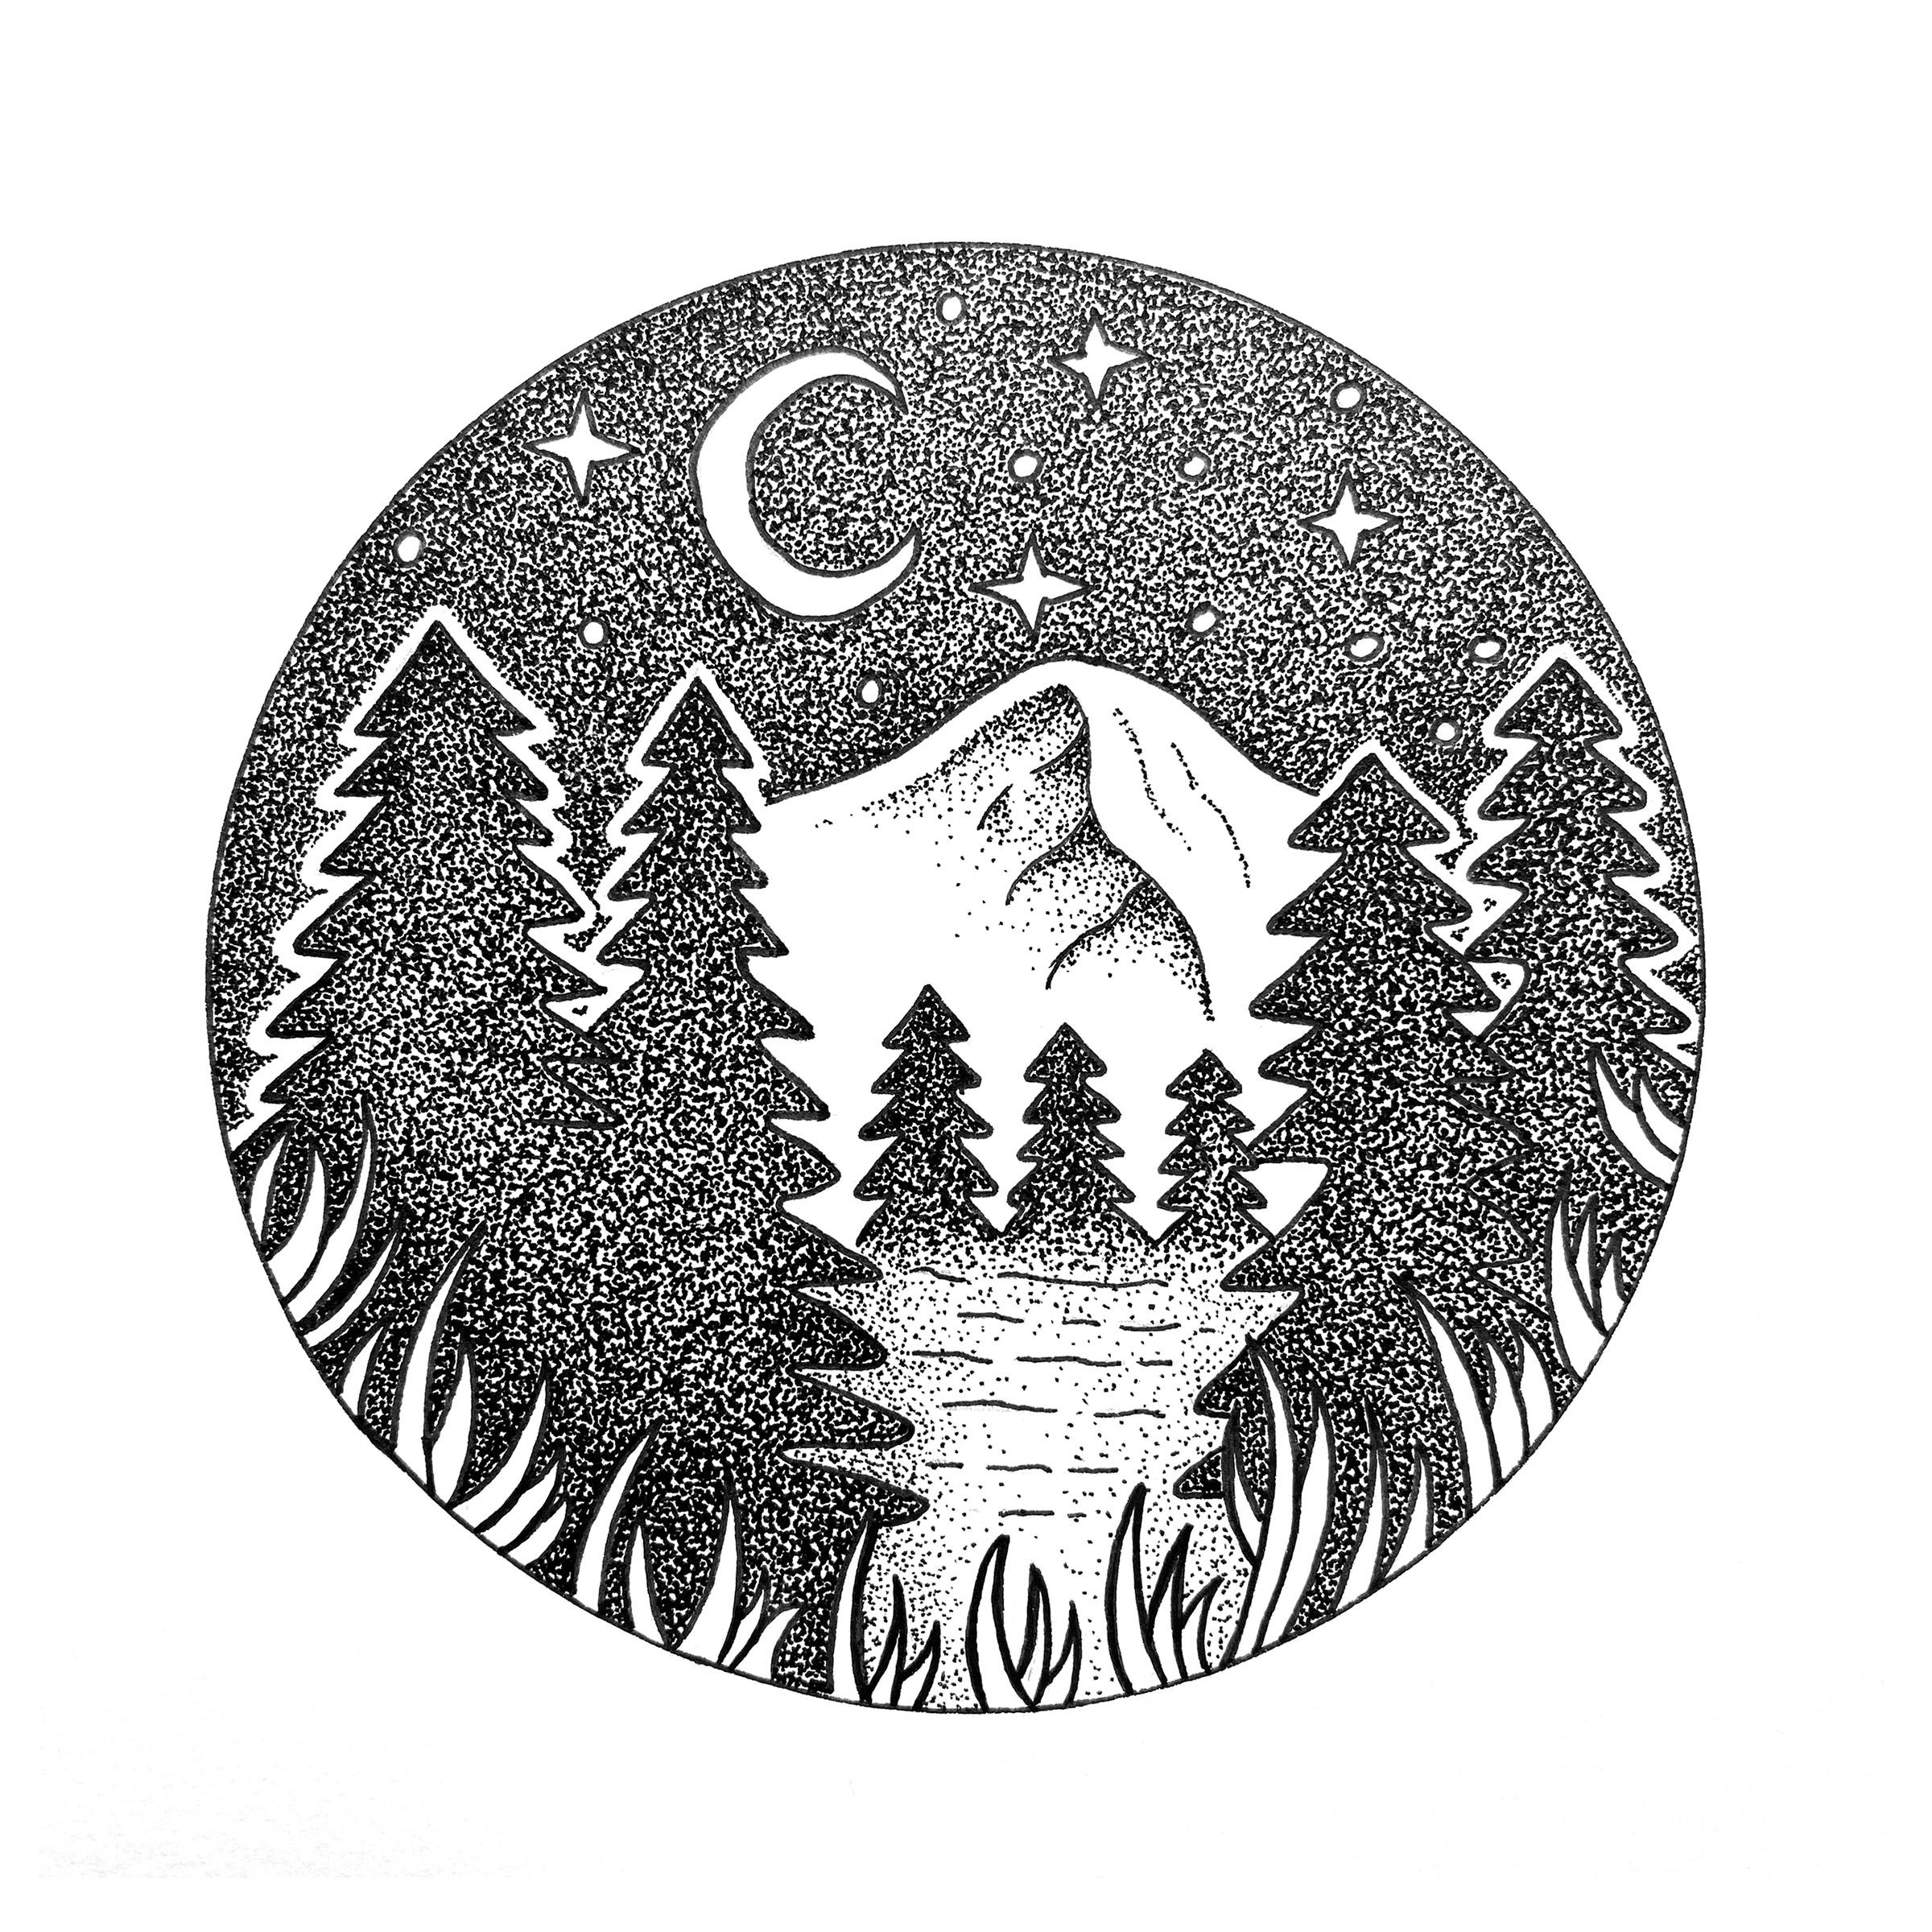 Night scene drawing